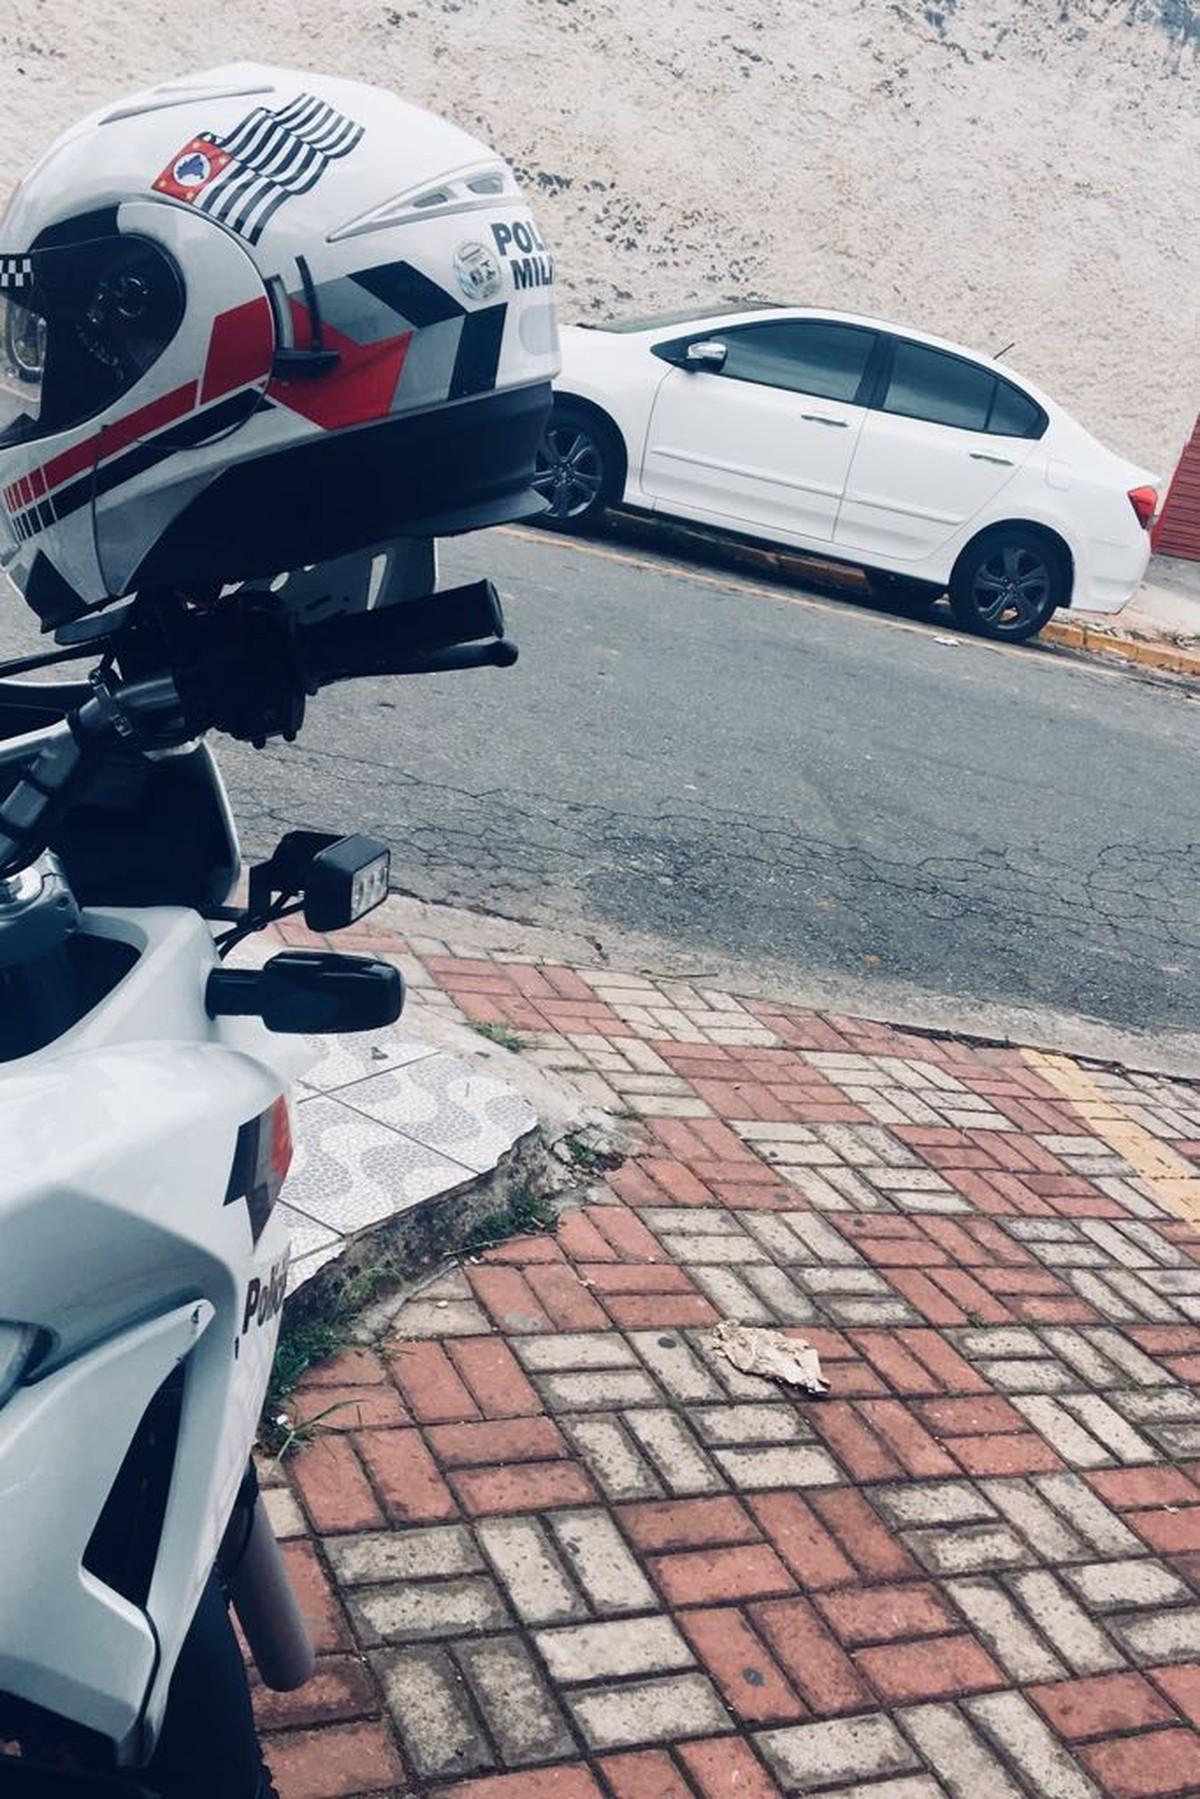 Dupla é presa suspeita de participar de roubo e tentativa de homicídio em Ferraz de Vasconcelos